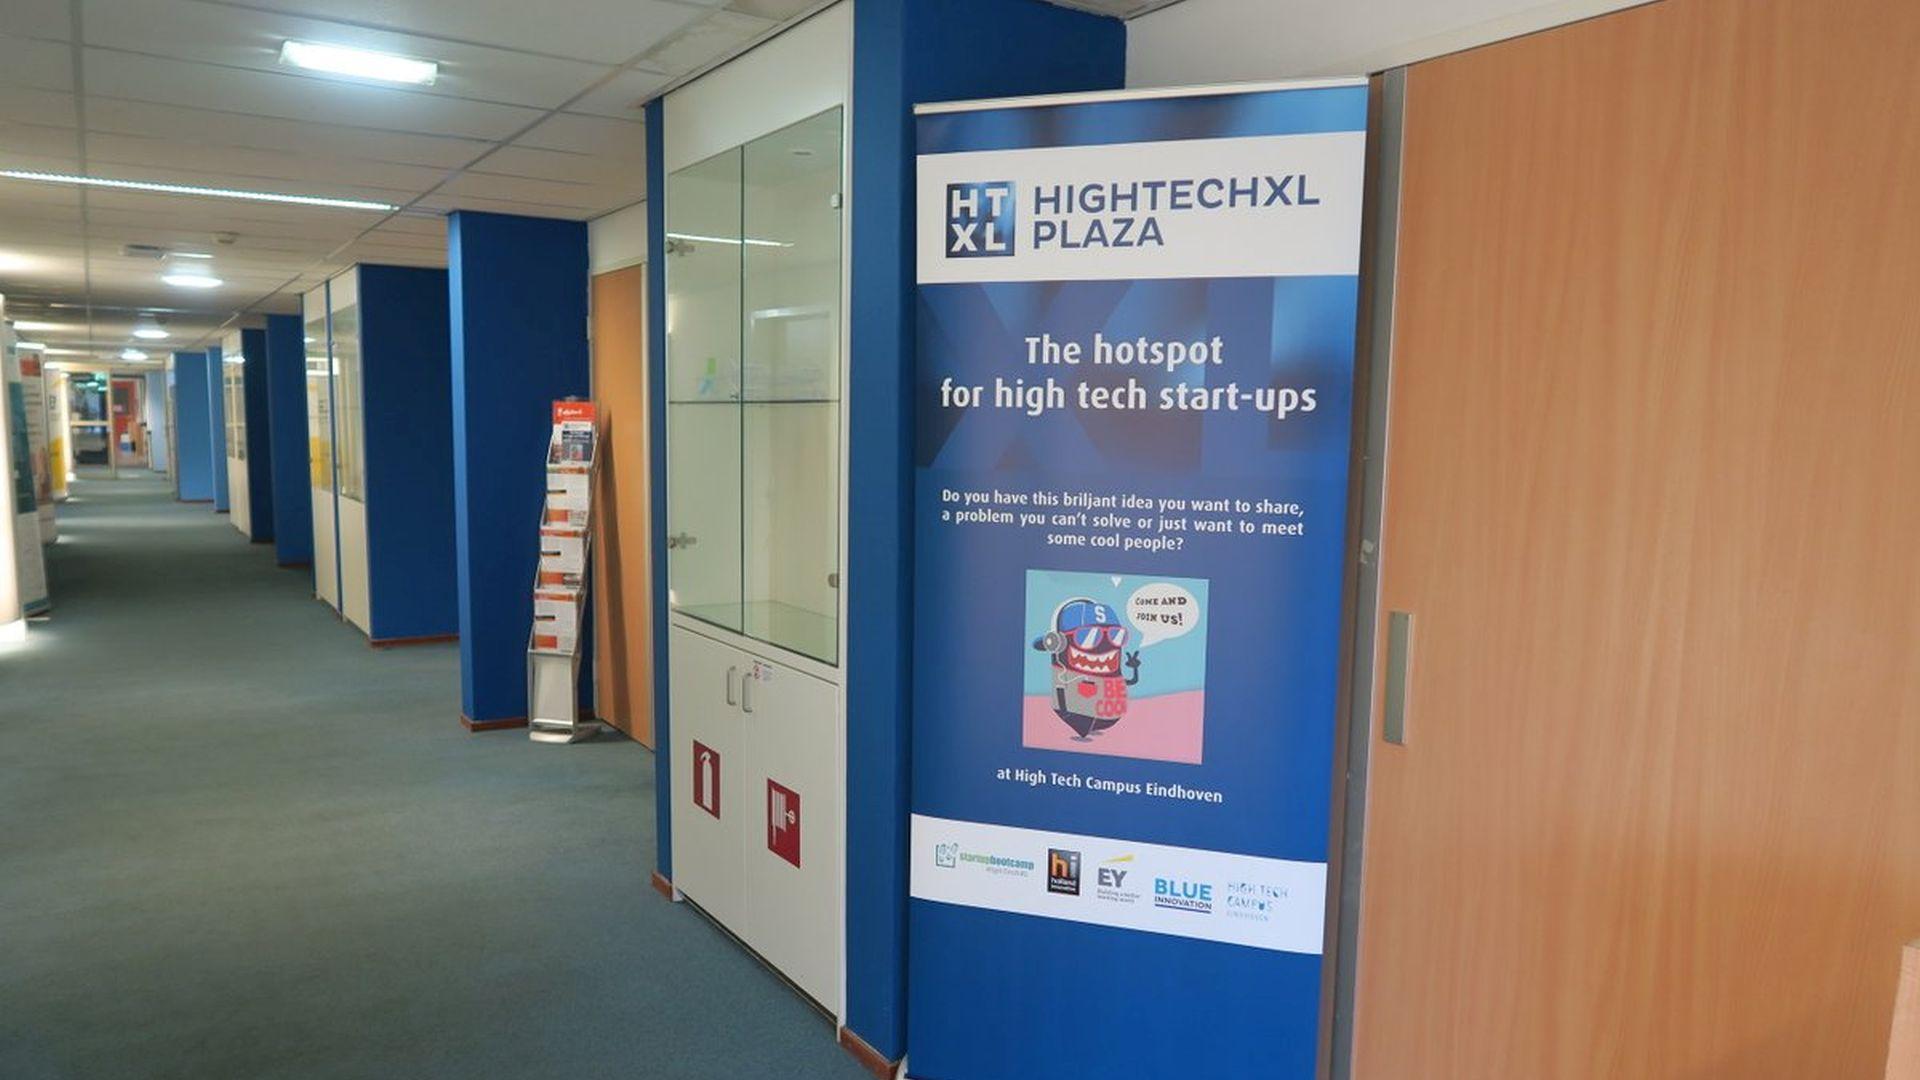 Hallway HTC12 HighTechXL Plaza HTC 12 High Tech Campus Eindhoven